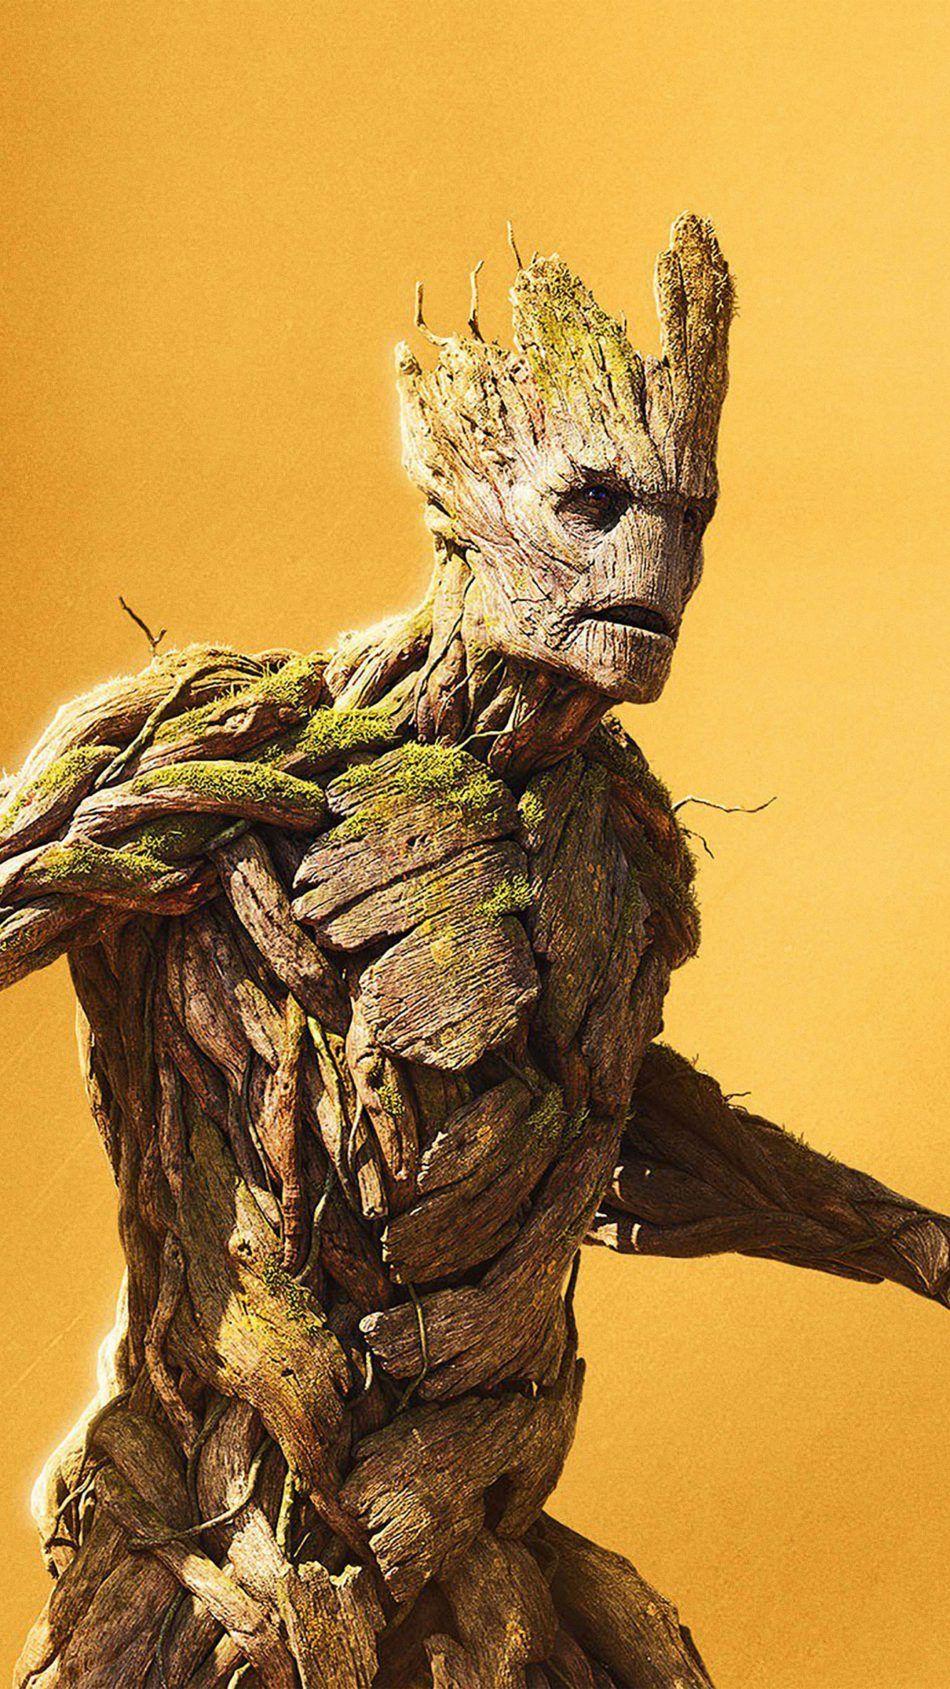 Groot Avengers Infinity War Groot avengers, Avengers